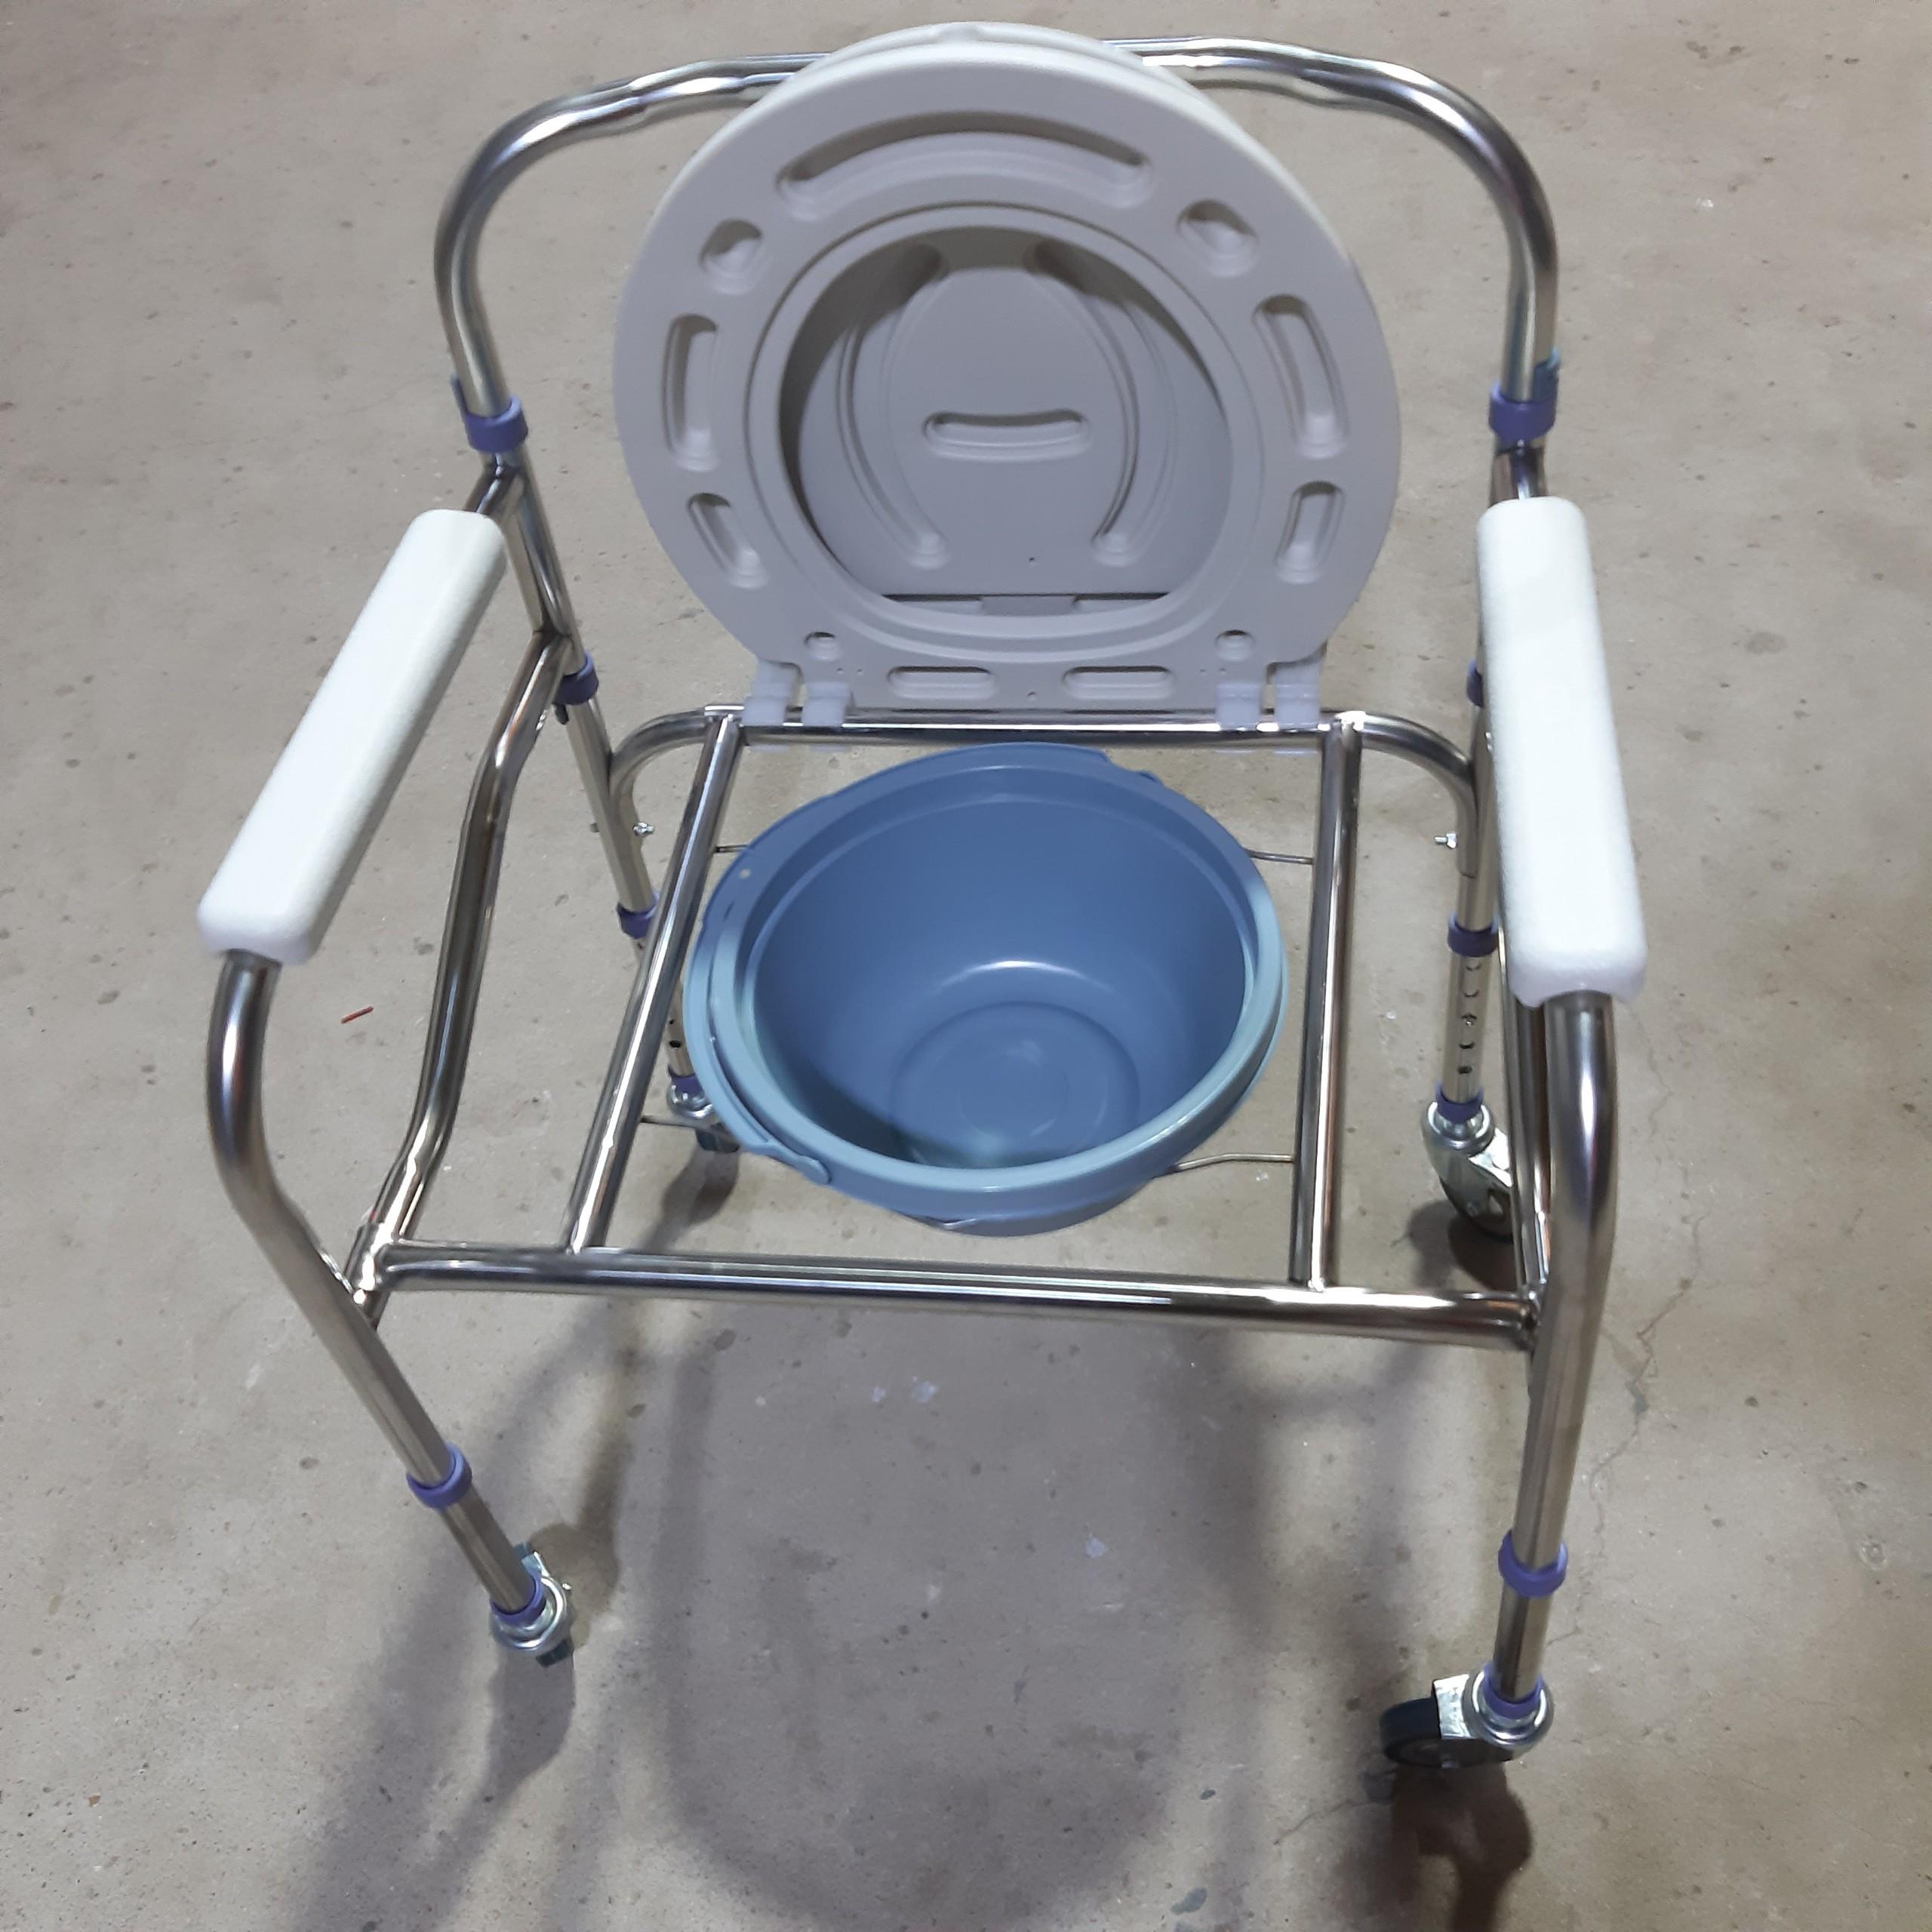 Ghế bô vệ sinh có bánh xe - Hàng Tiêu Chuẩn bệnh viện